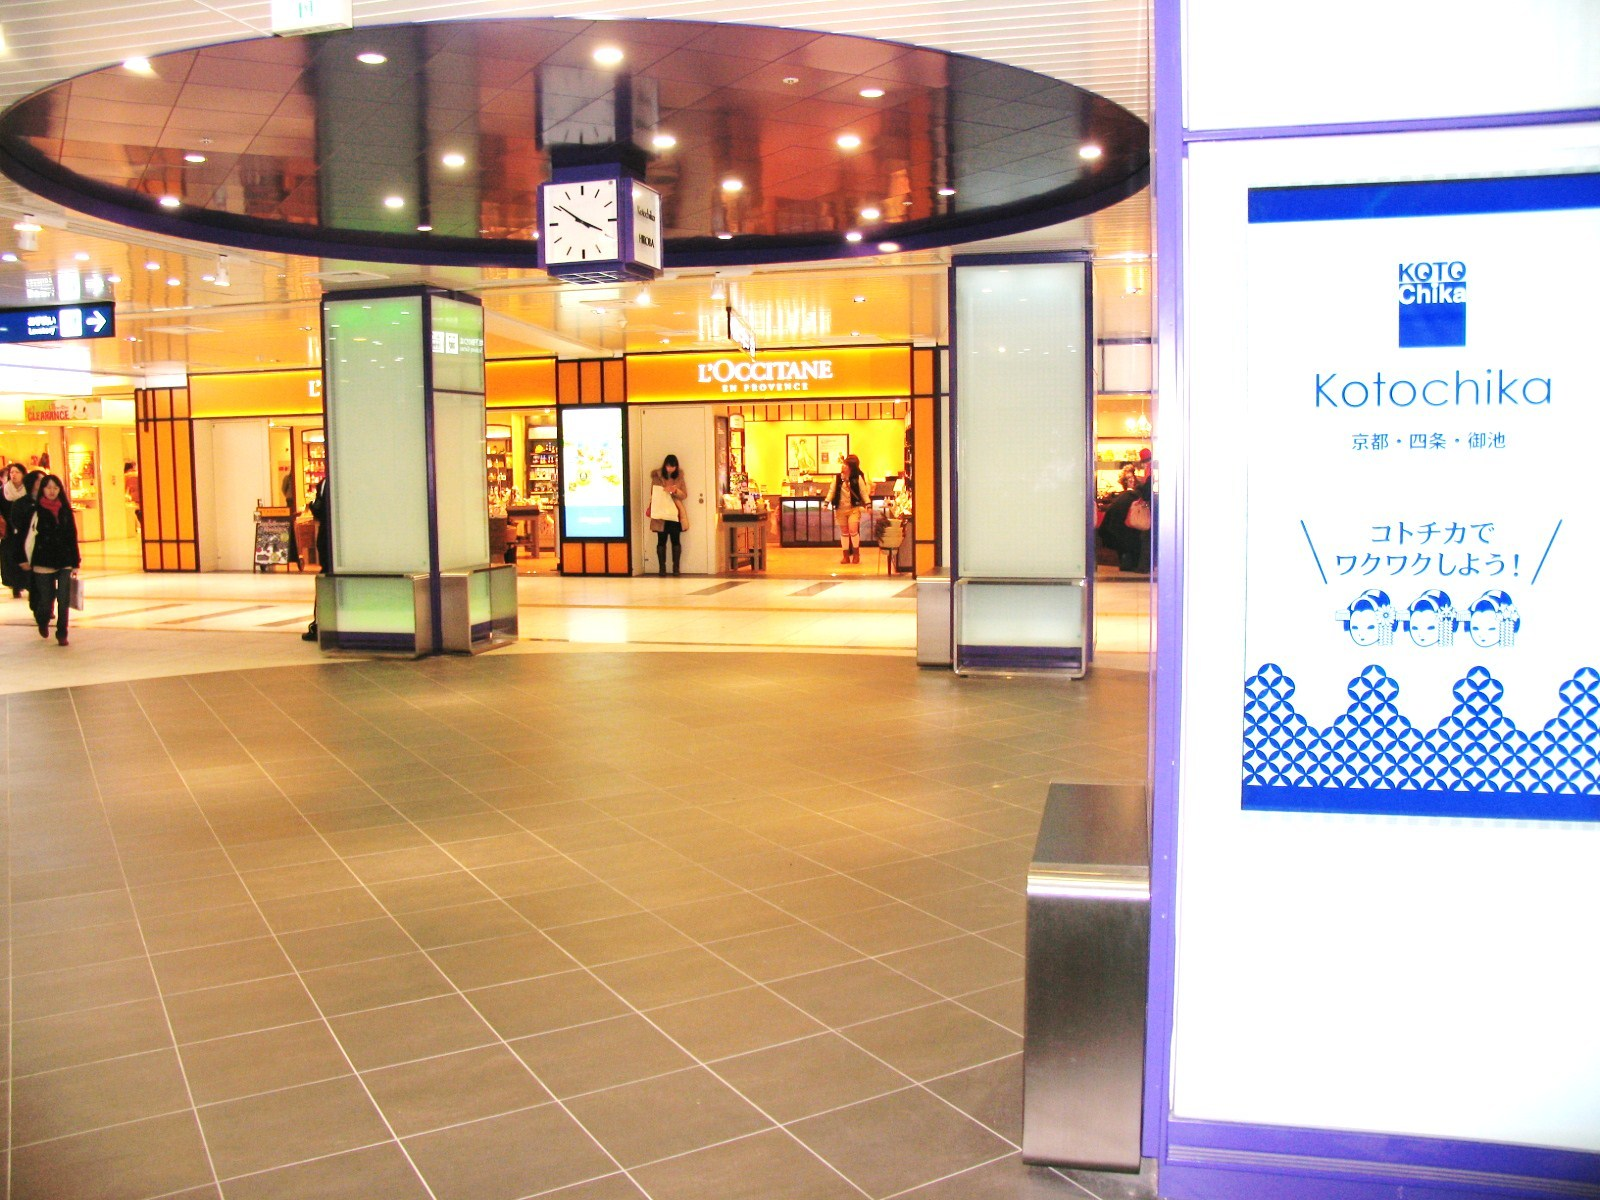 地下鉄京都駅「コトチカ広場」イベントスペース